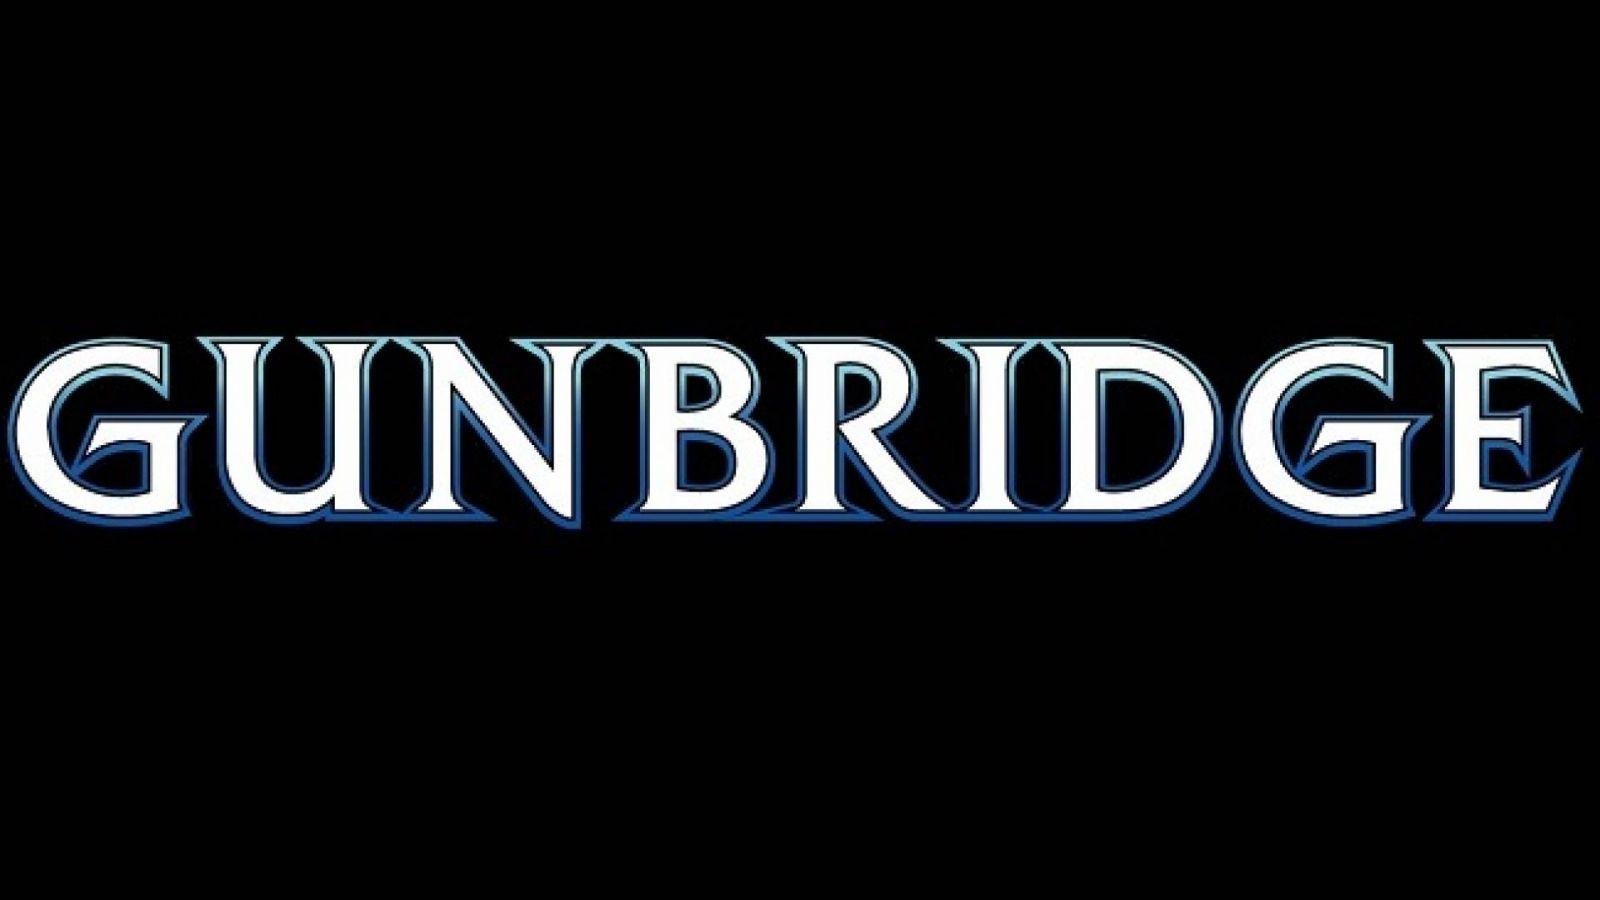 GUNBRIDGE © GUNBRIDGE